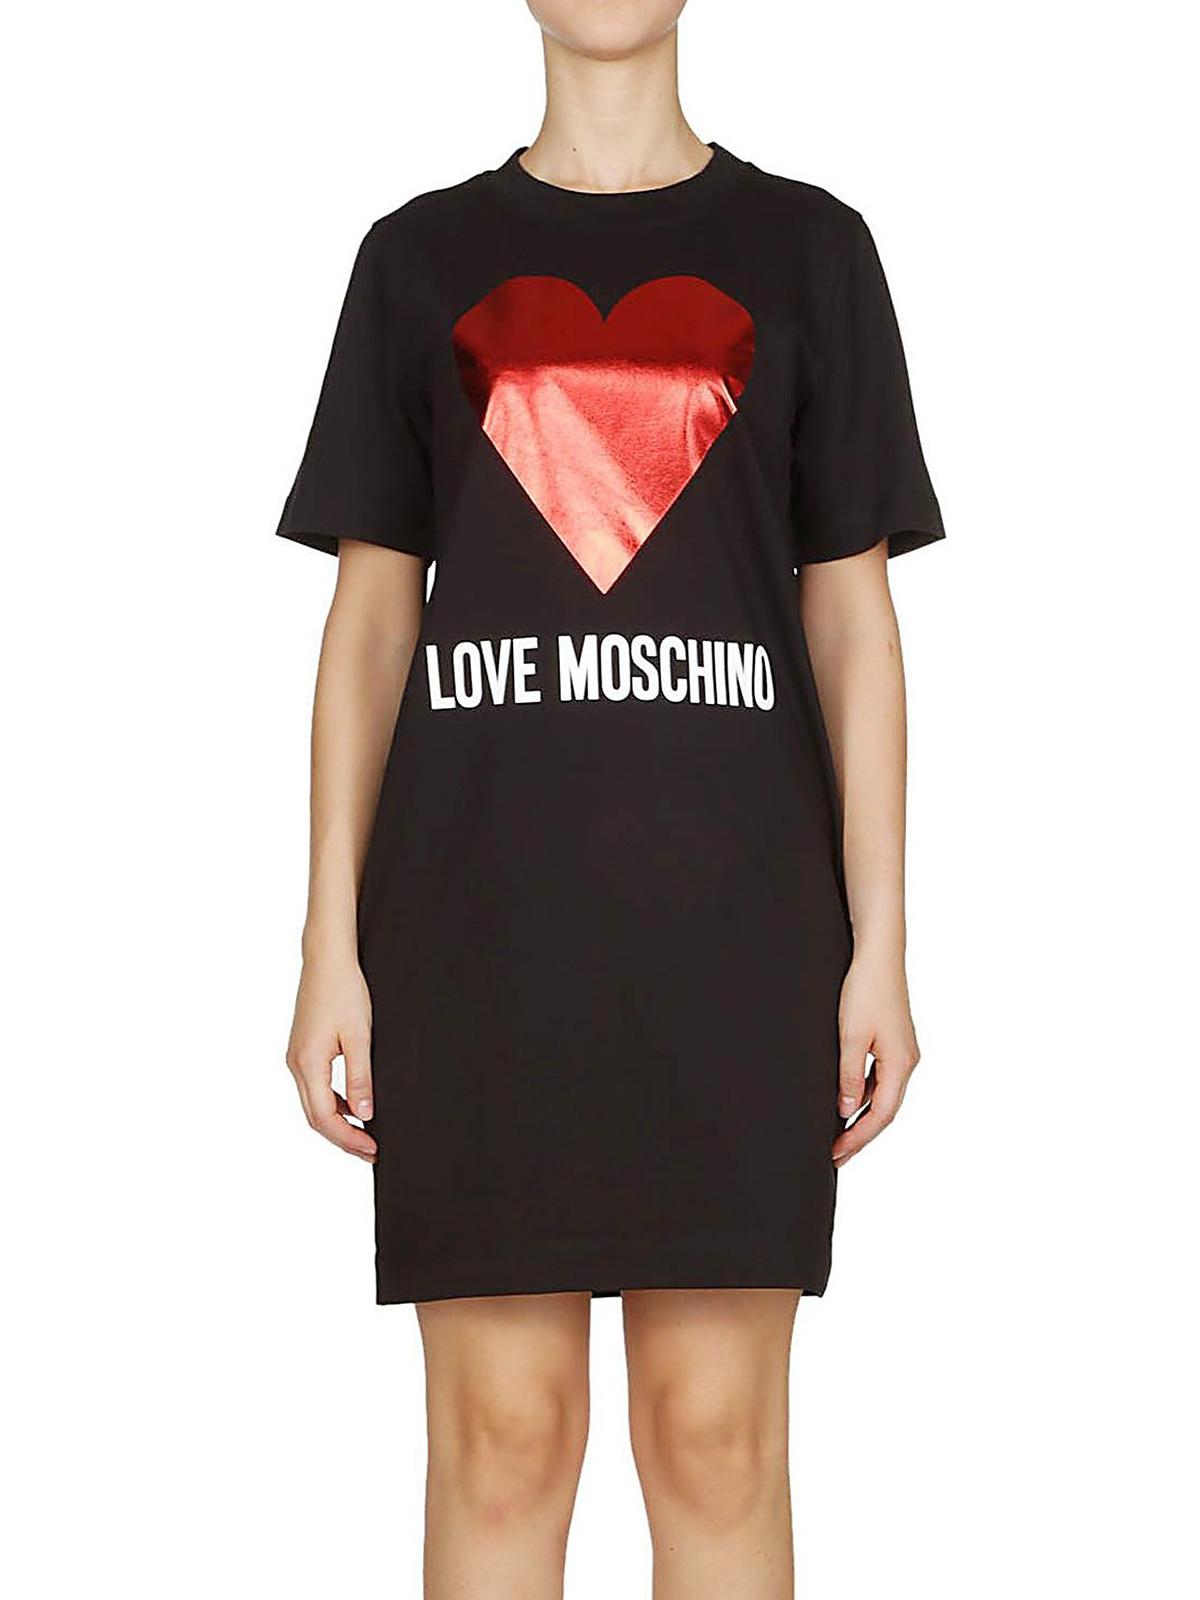 separation shoes 60945 0c151 Love Moschino - Abito felpa con cuore in jersey di cotone ...